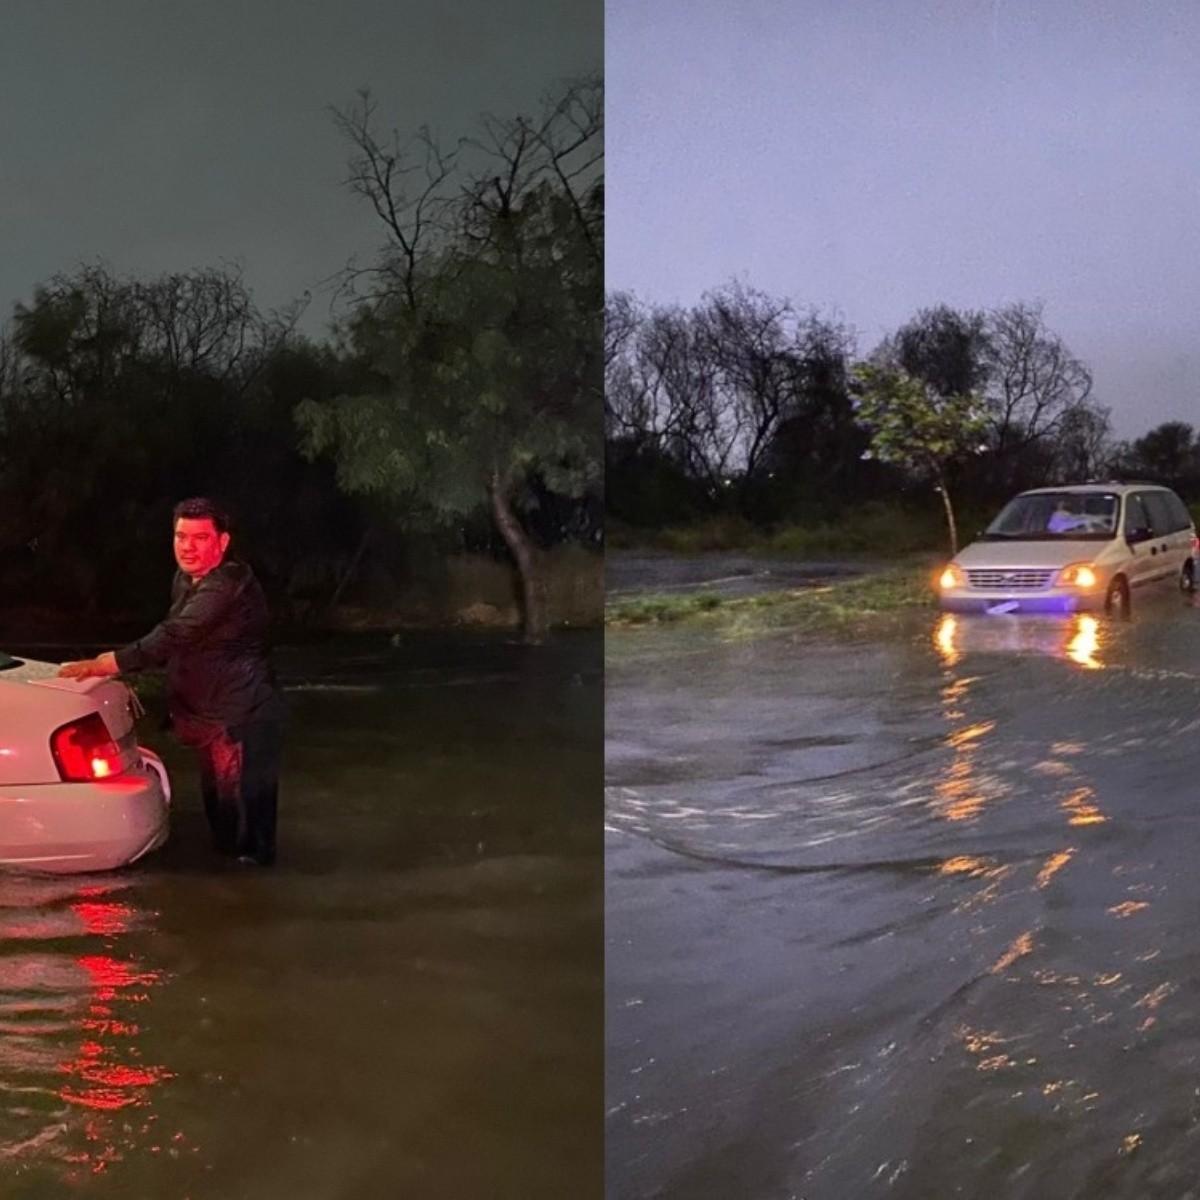 Fuerte tormenta ocasionó fuertes daños a vehículos en Nuevo León